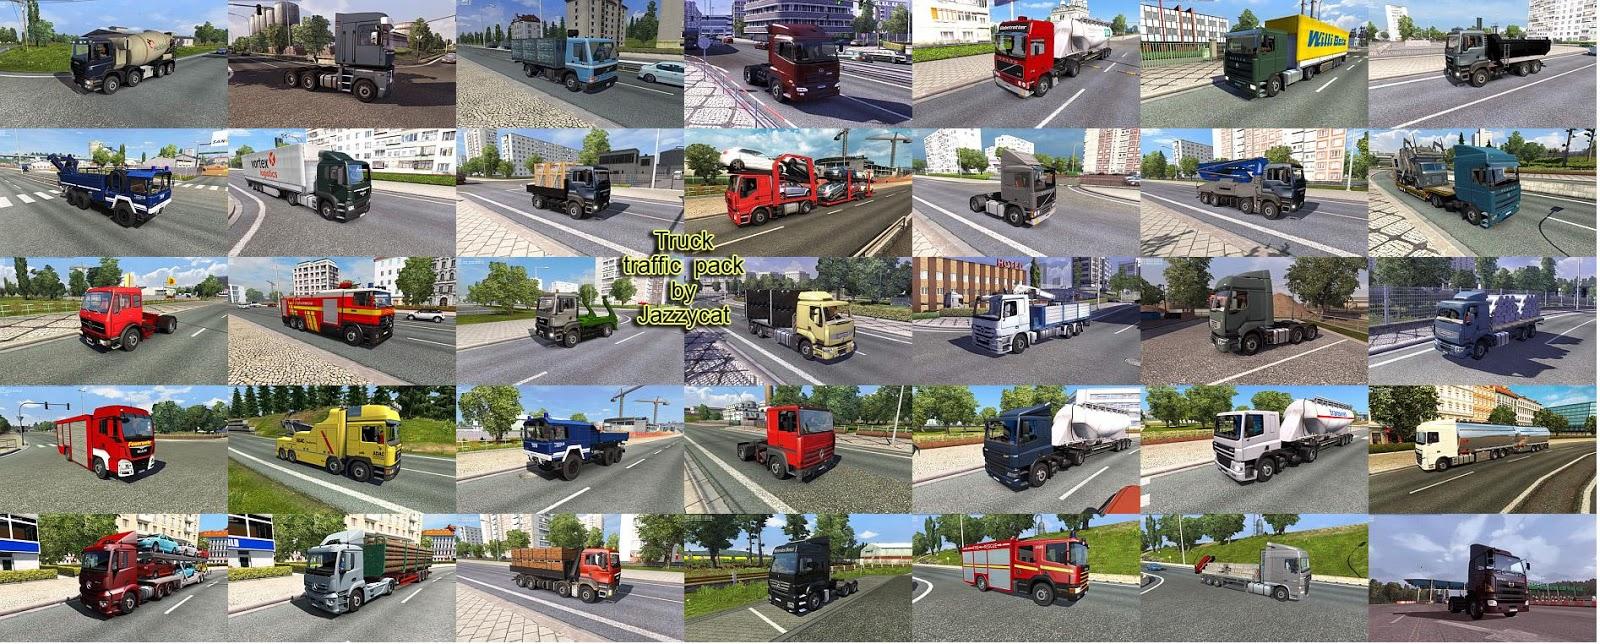 Pack de Caminhões Para o Tráfego V.3.0 Para V.1.31.X - ETS2